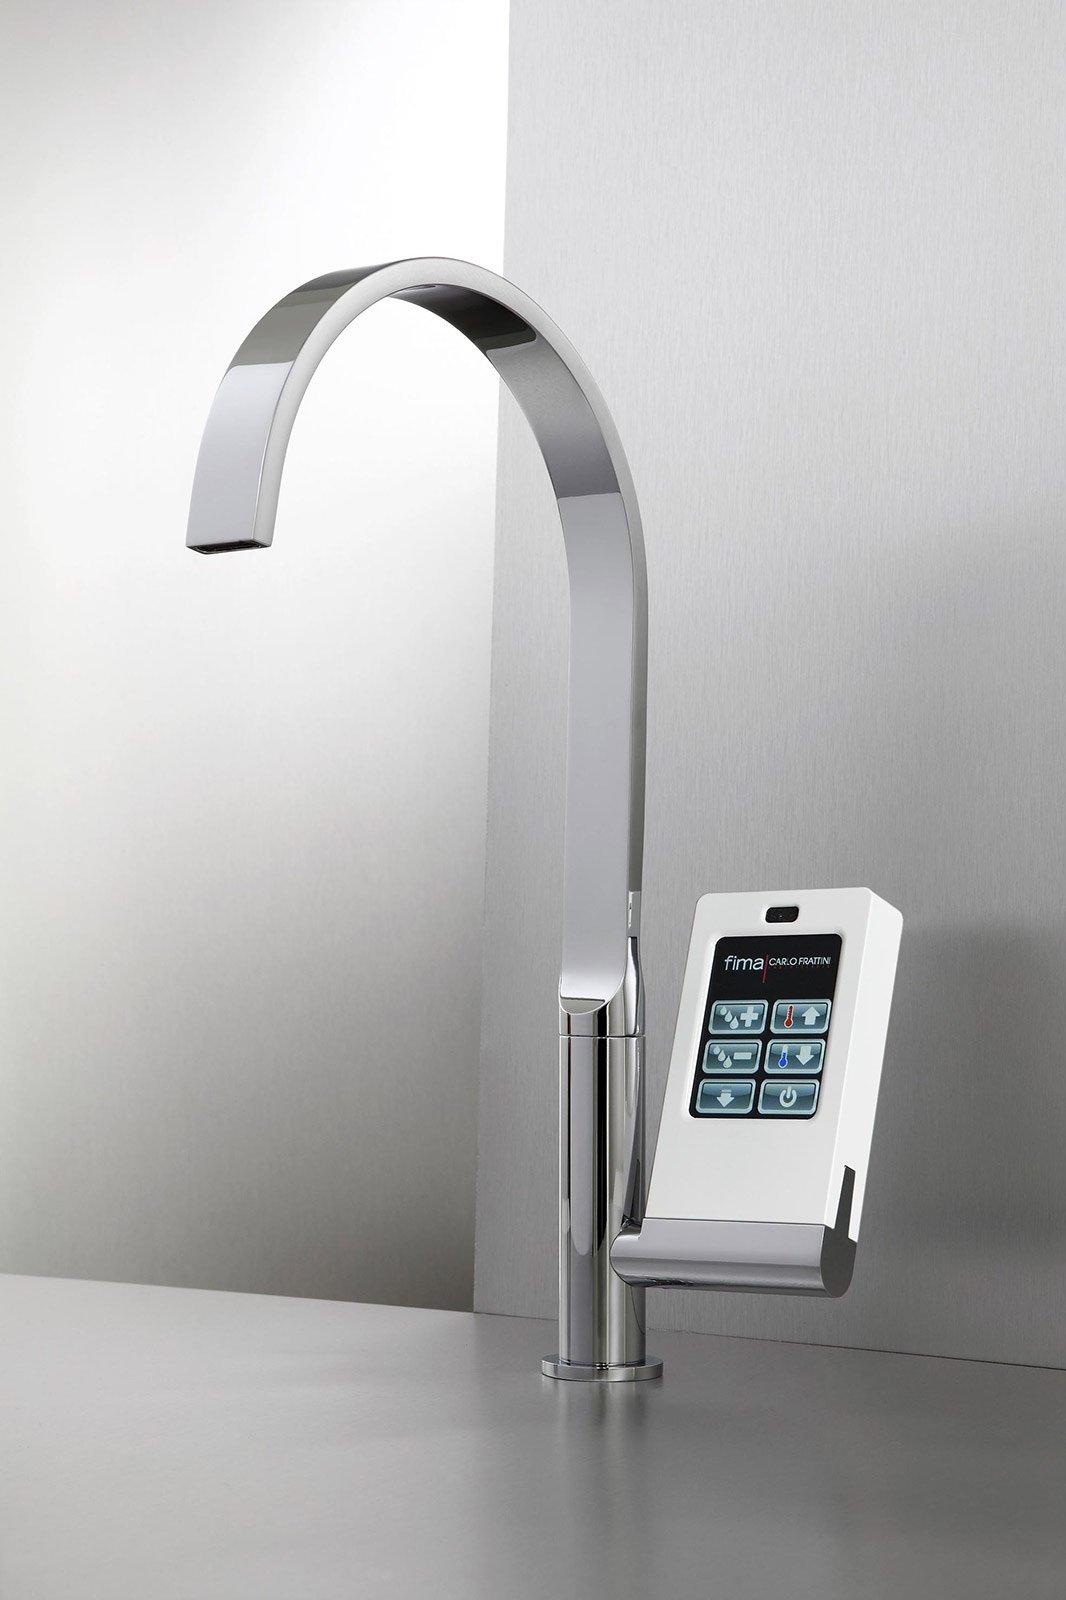 Cucina rubinetti per il lavello cose di casa for Rubinetti ikea bagno